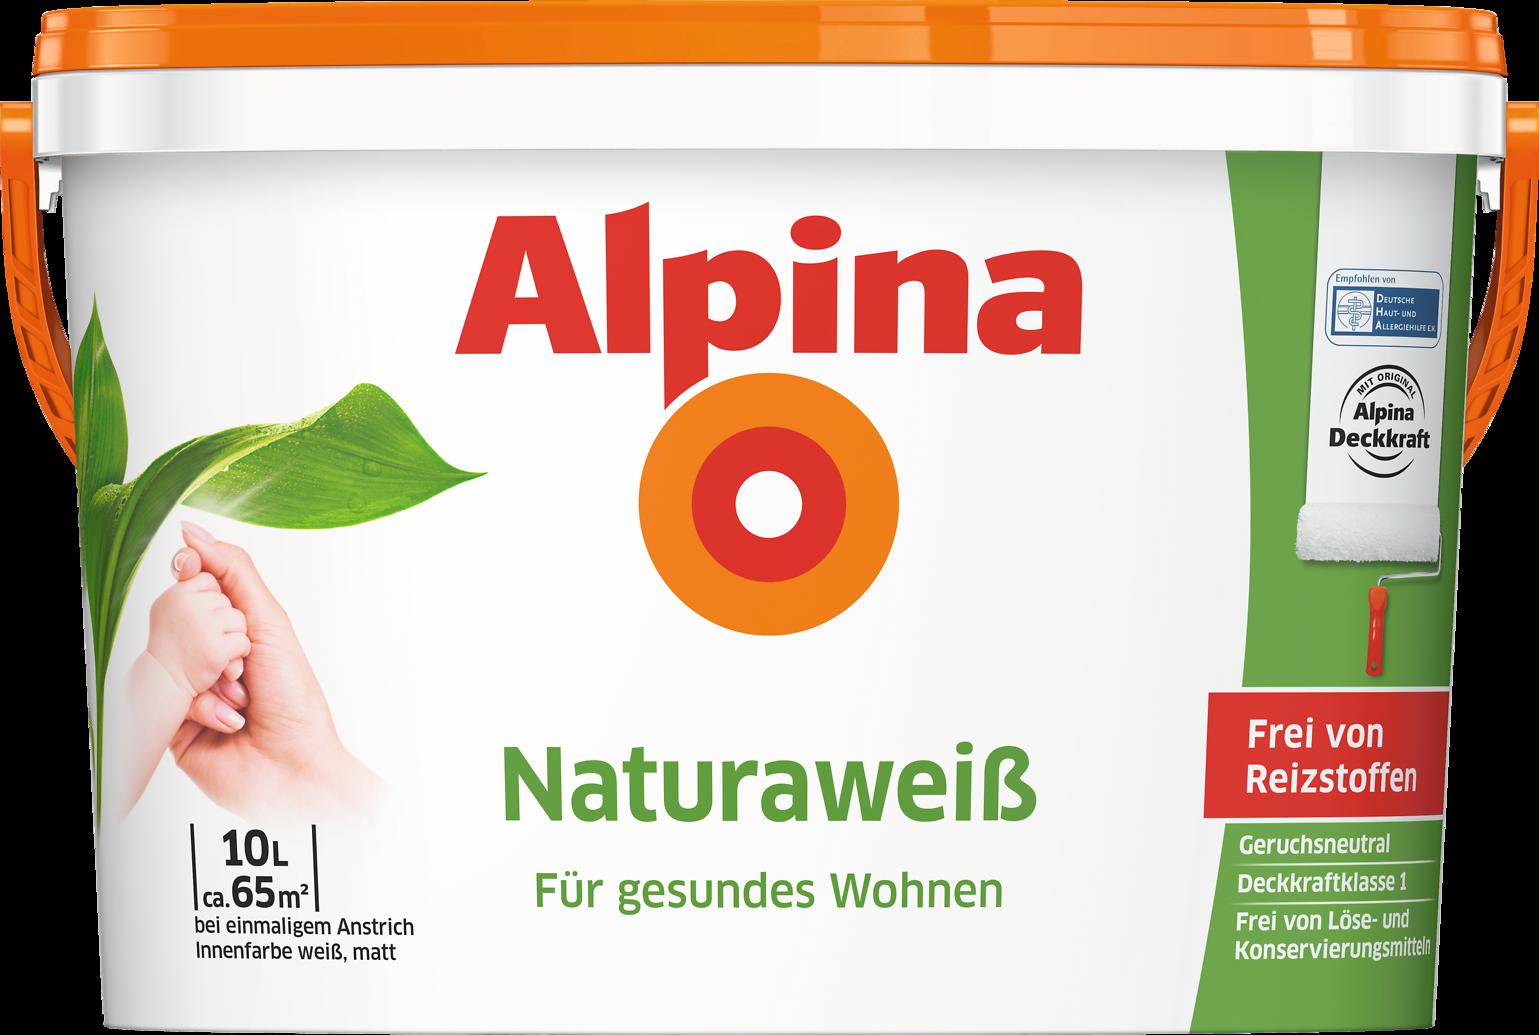 Wandfarbe weiß Allergiker geeignet ohne Reizstoffe: Alpina ...